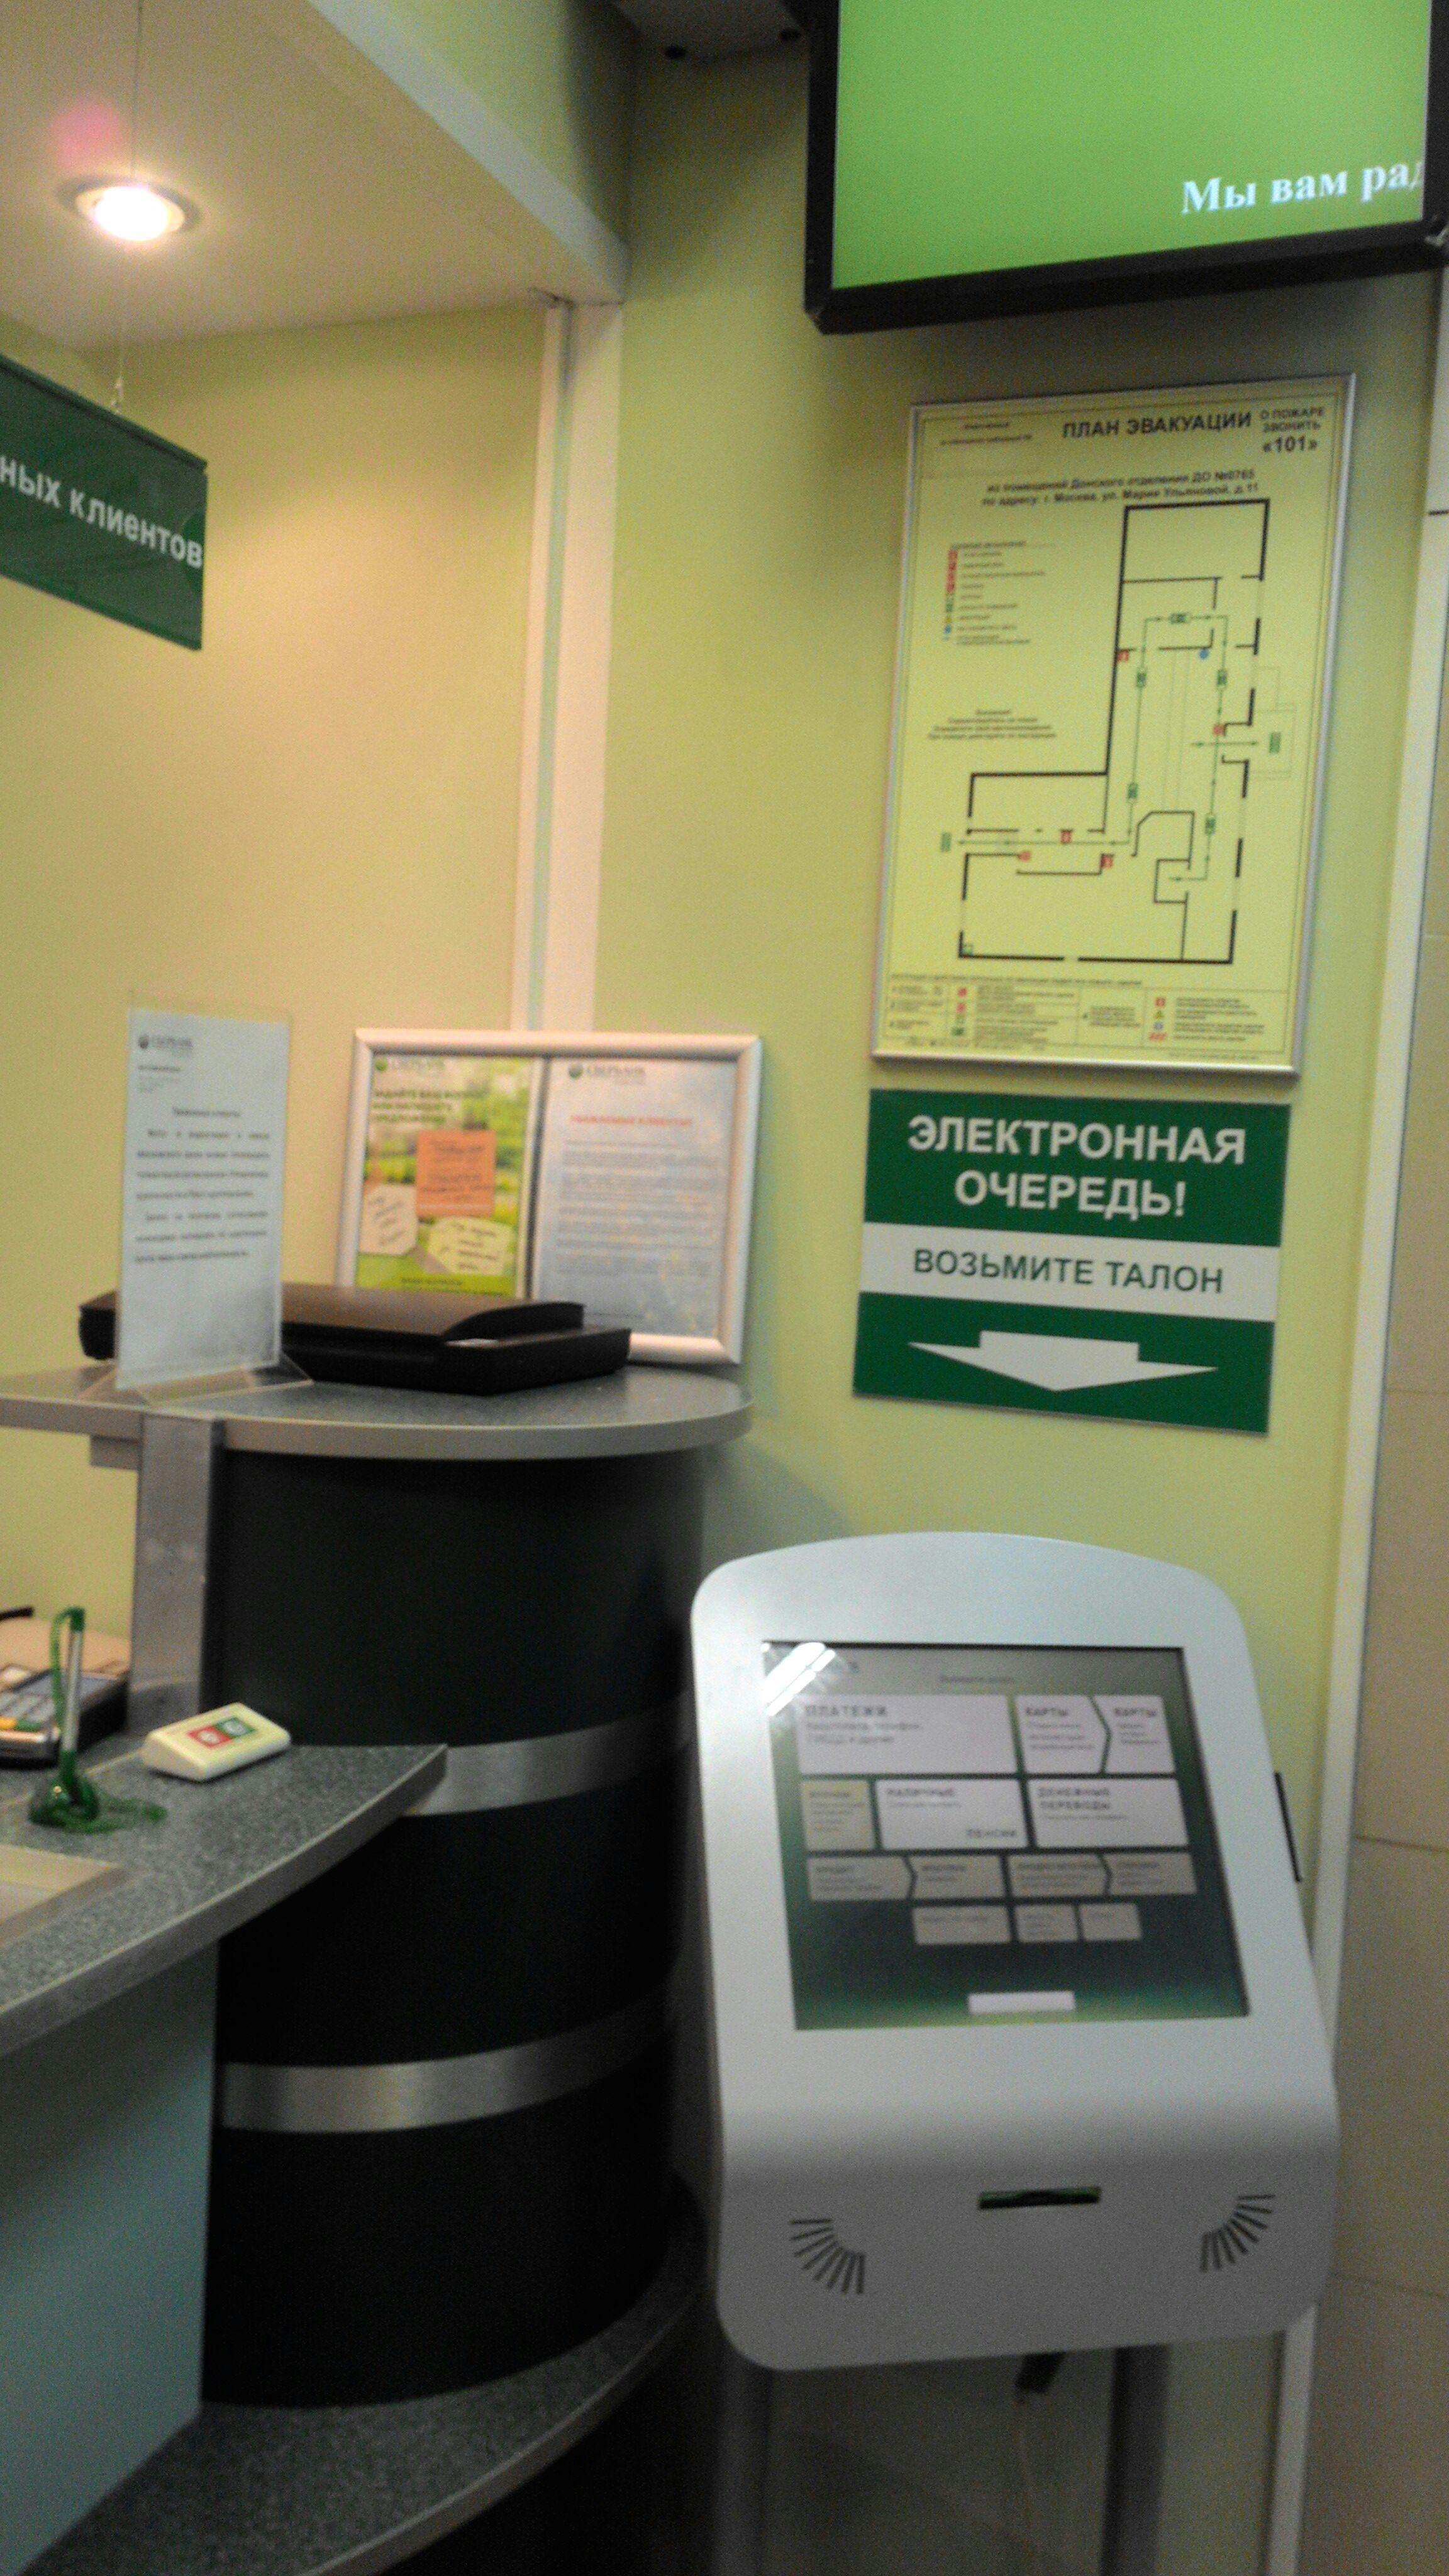 выбору электронная очередь в сбербанке фото меню широкоформатные обои рабочий